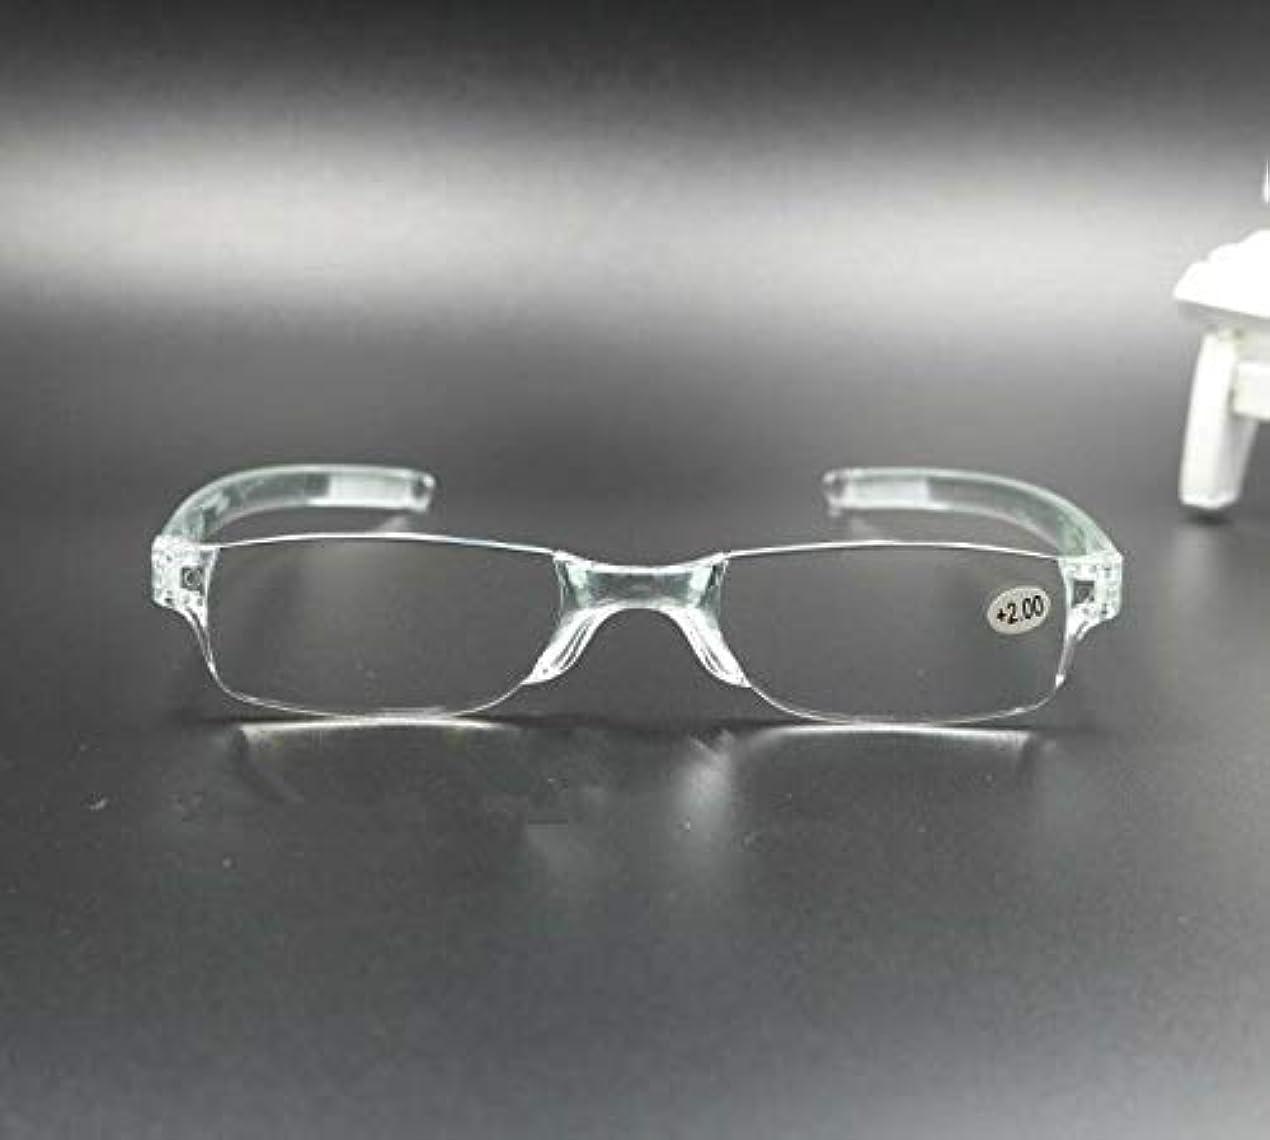 慢モールス信号ダメージFidgetGear 携帯用縁なし老眼鏡リーダー眼鏡+1.0 1.5 2.0 2.5 3.0 3.5 4.0 トランスペアレント